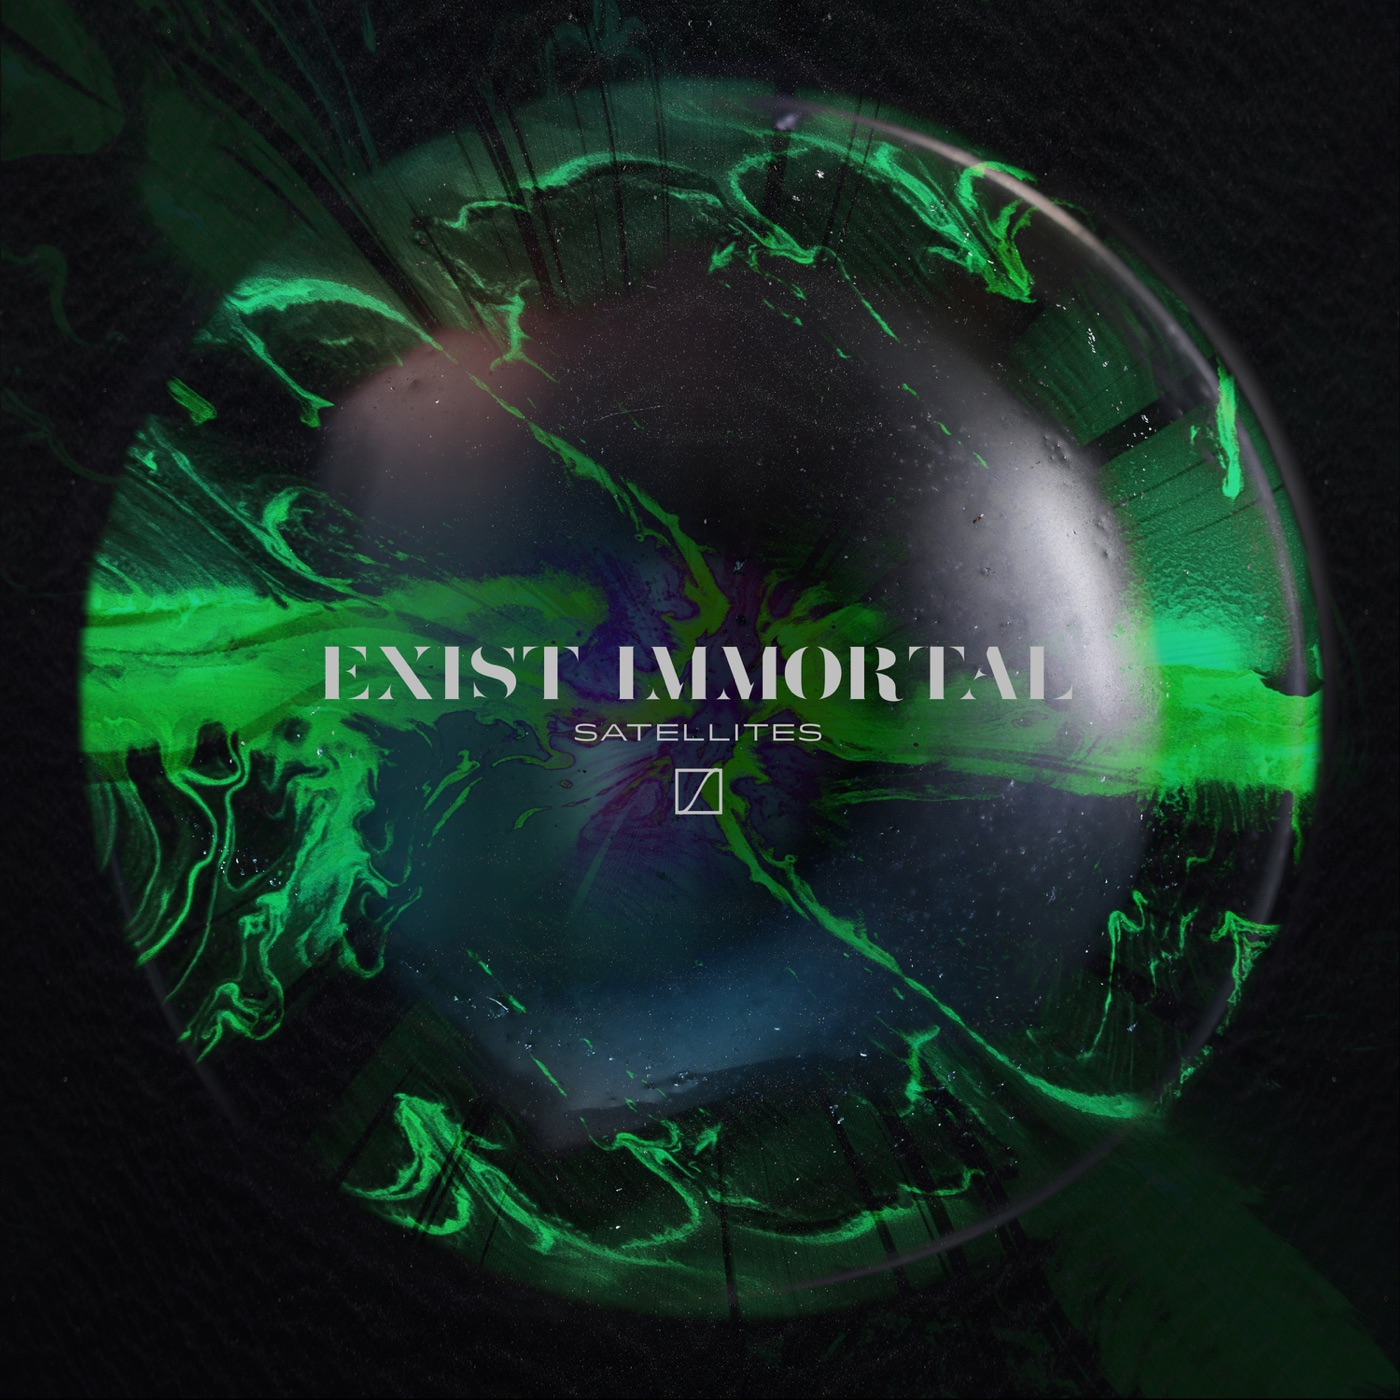 Exist Immortal - Satellites [single] (2018)